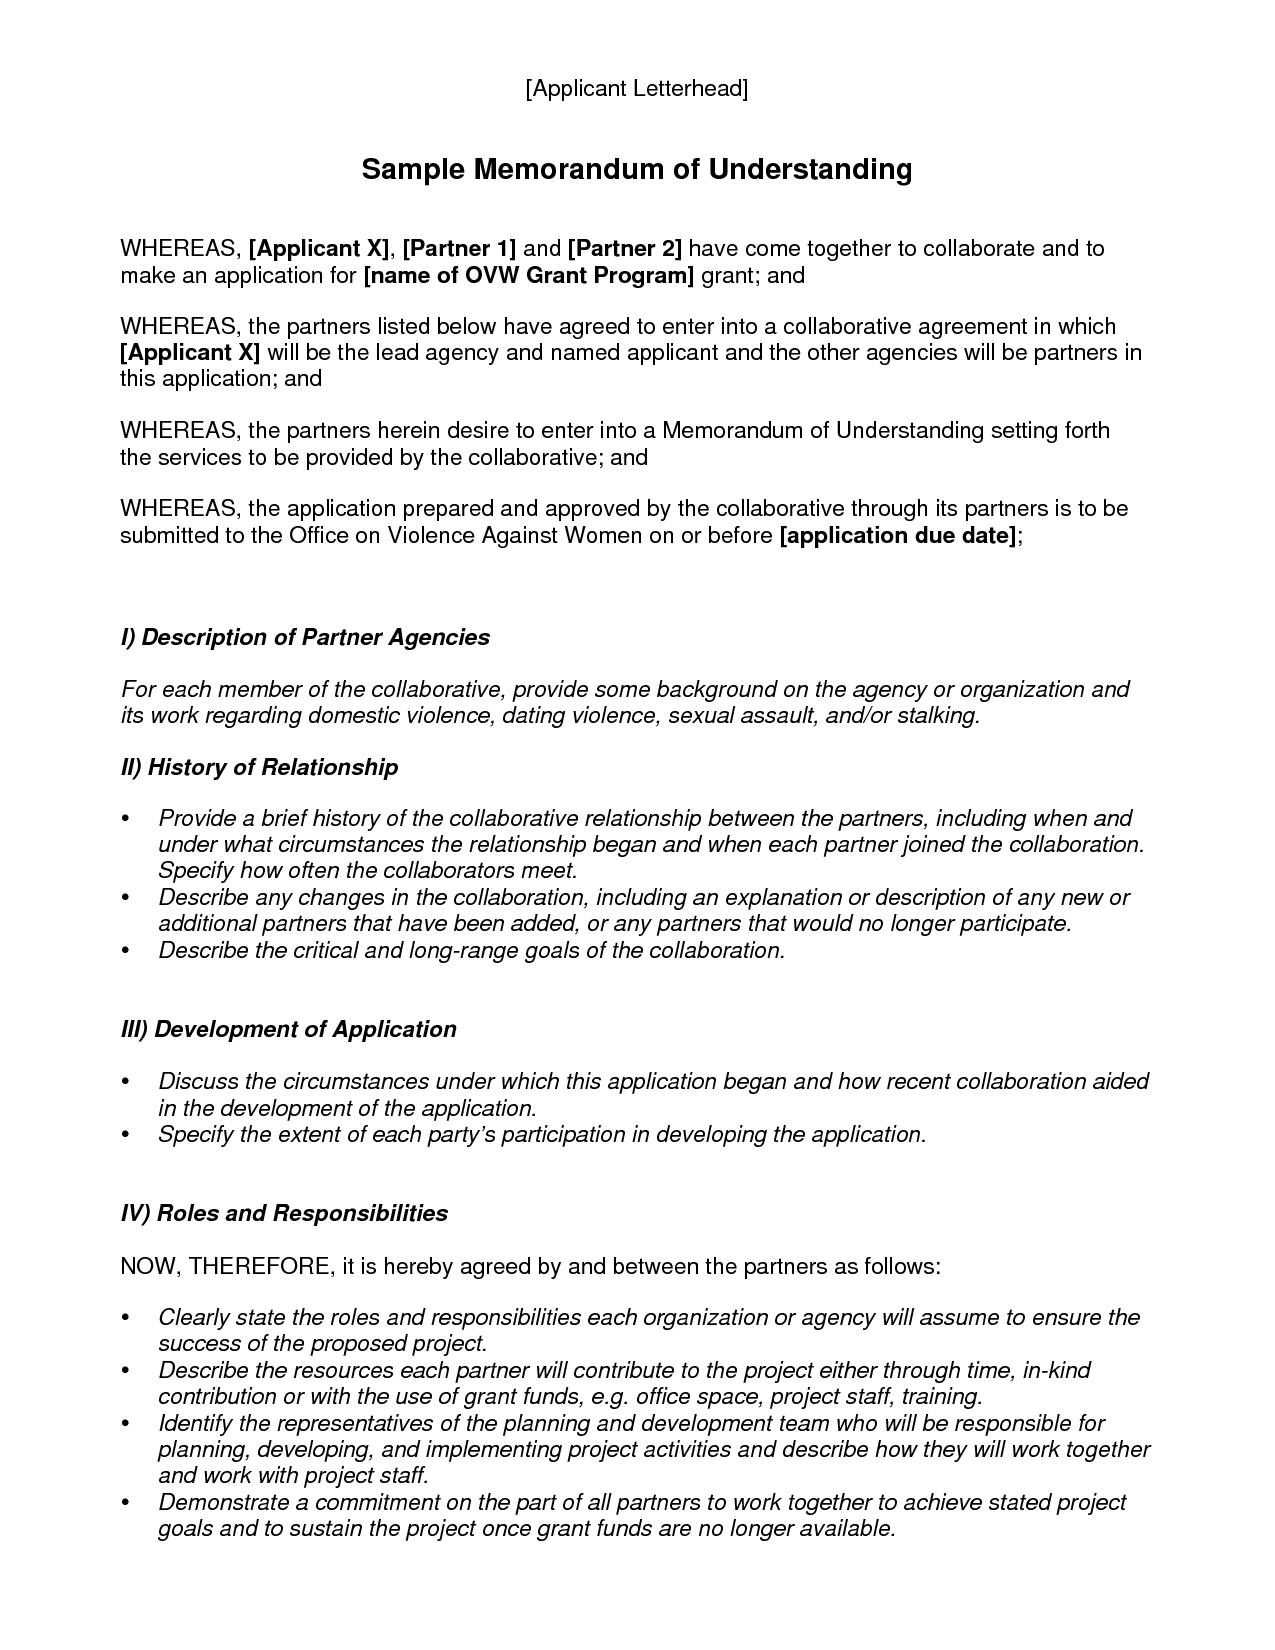 Contoh Memorandum Of Understanding Dalam Bahasa Inggris